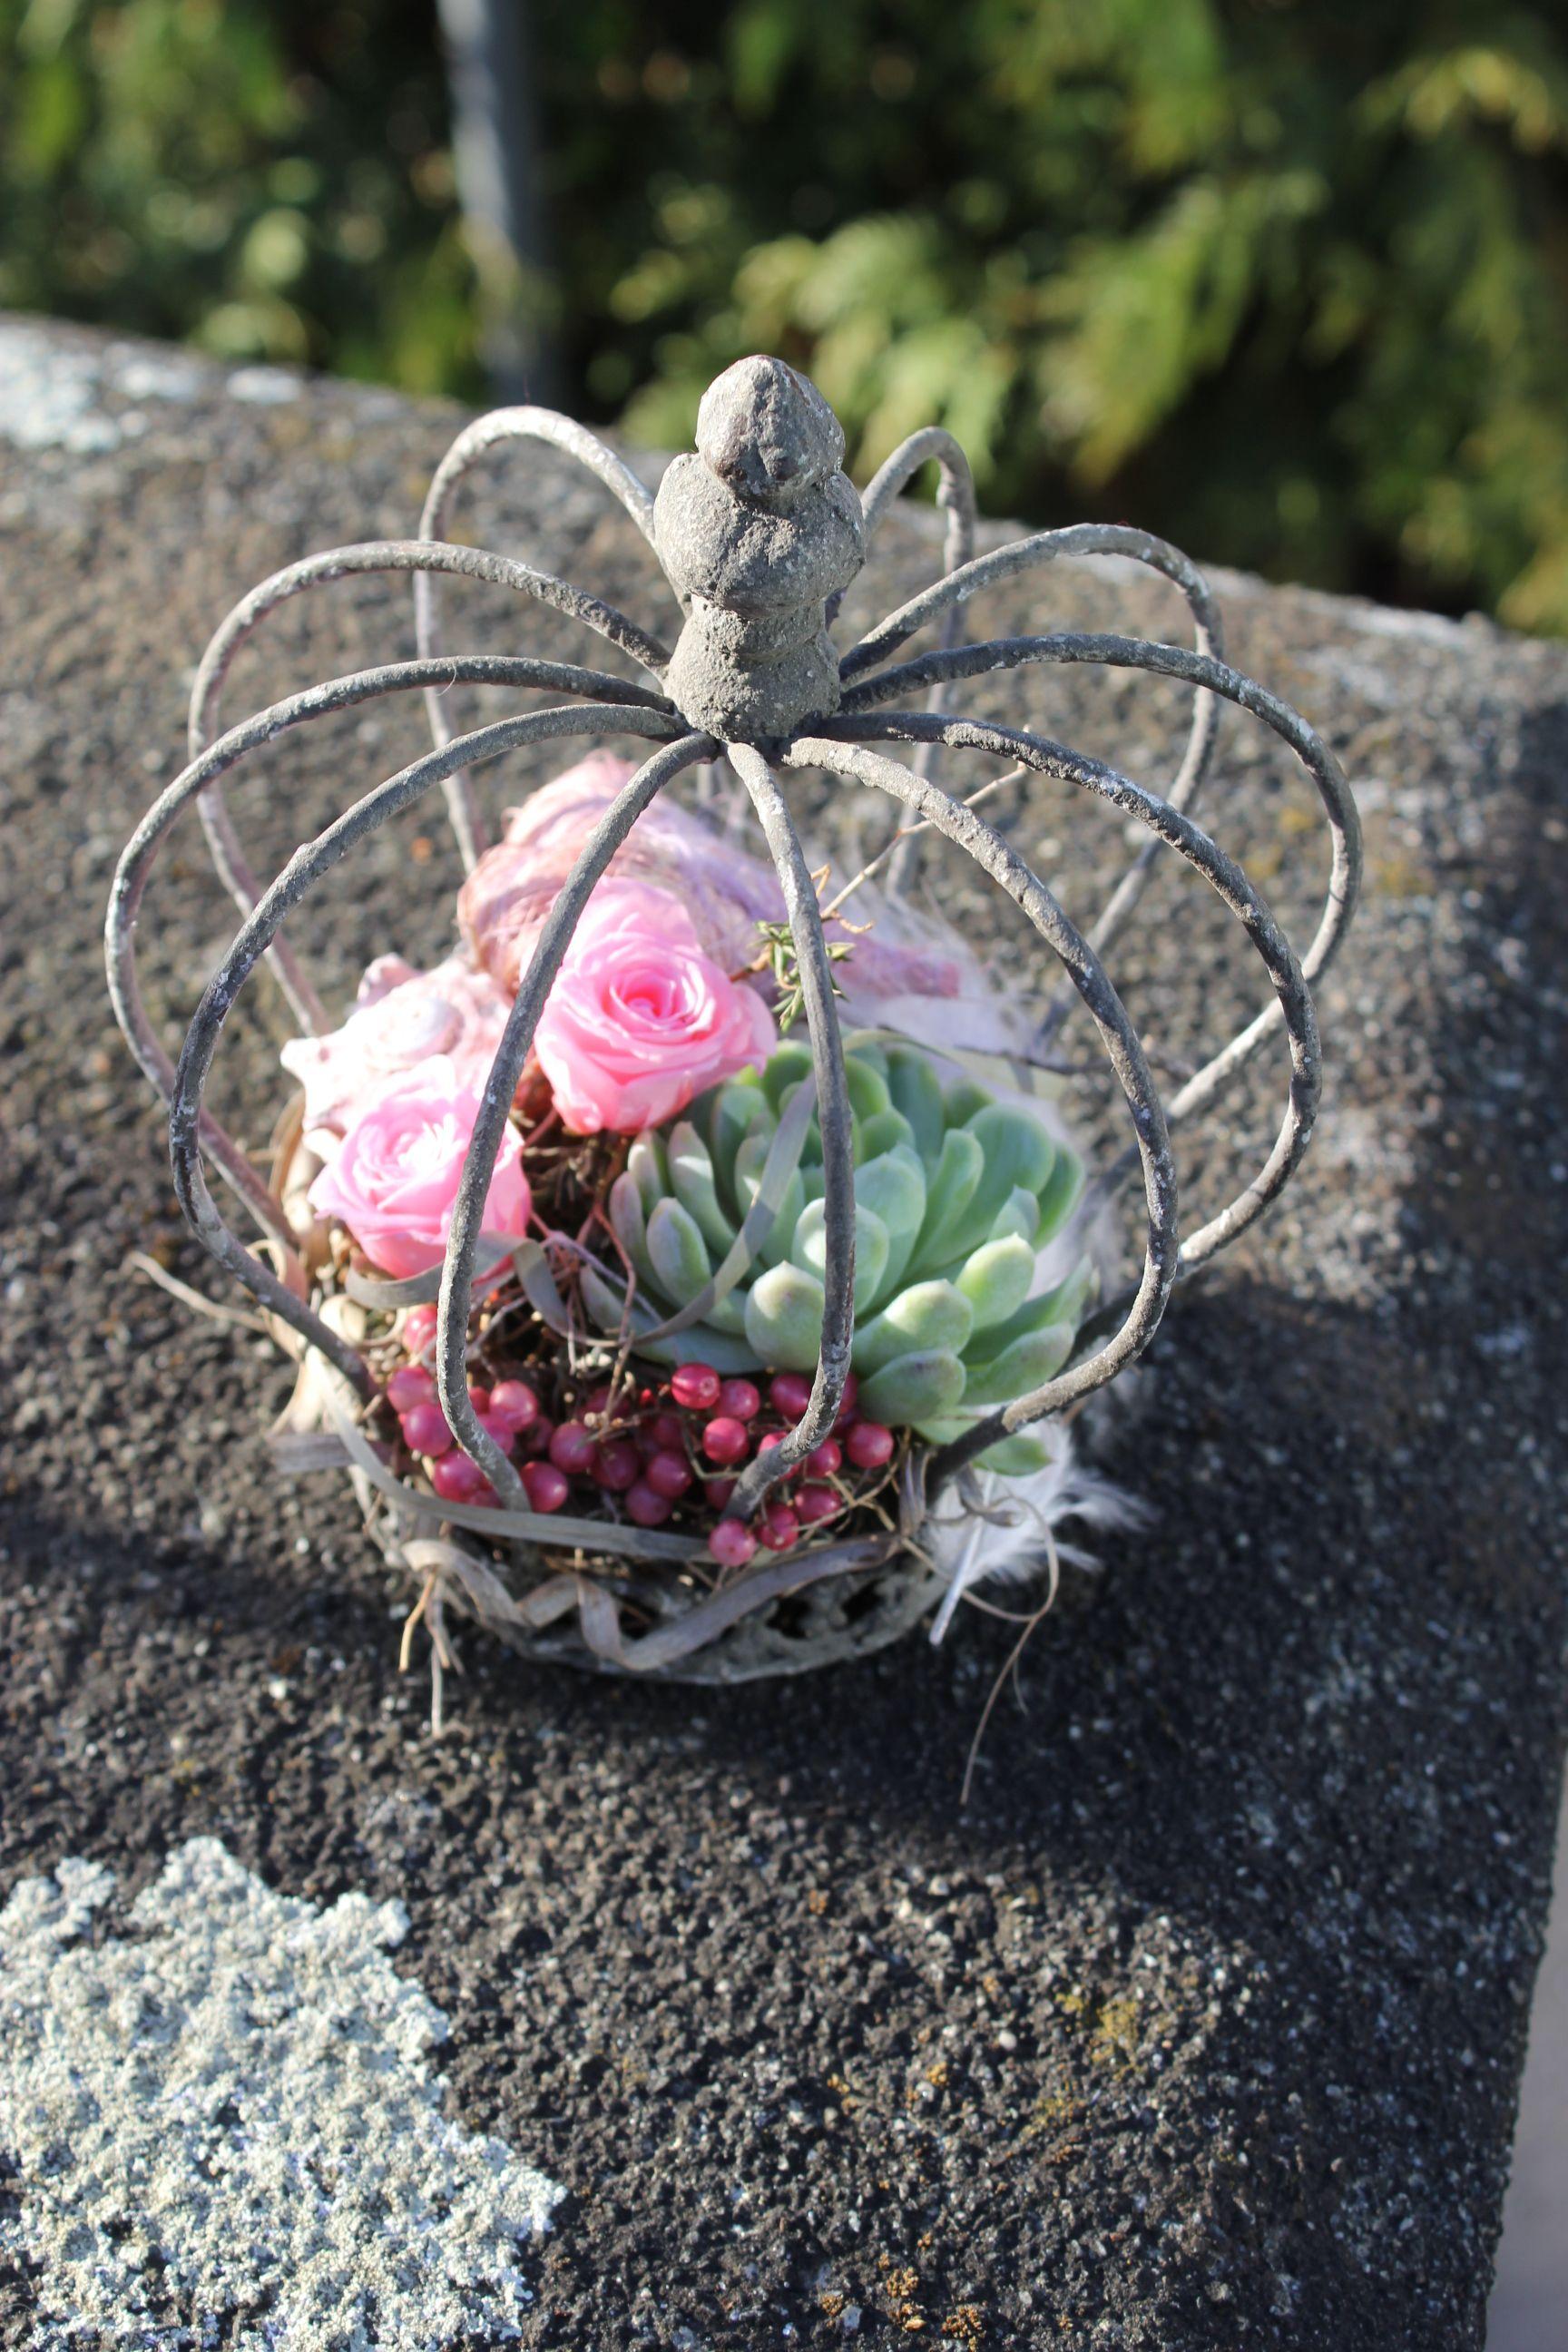 krone gefüllt mit stabiliiserten in rosa floral